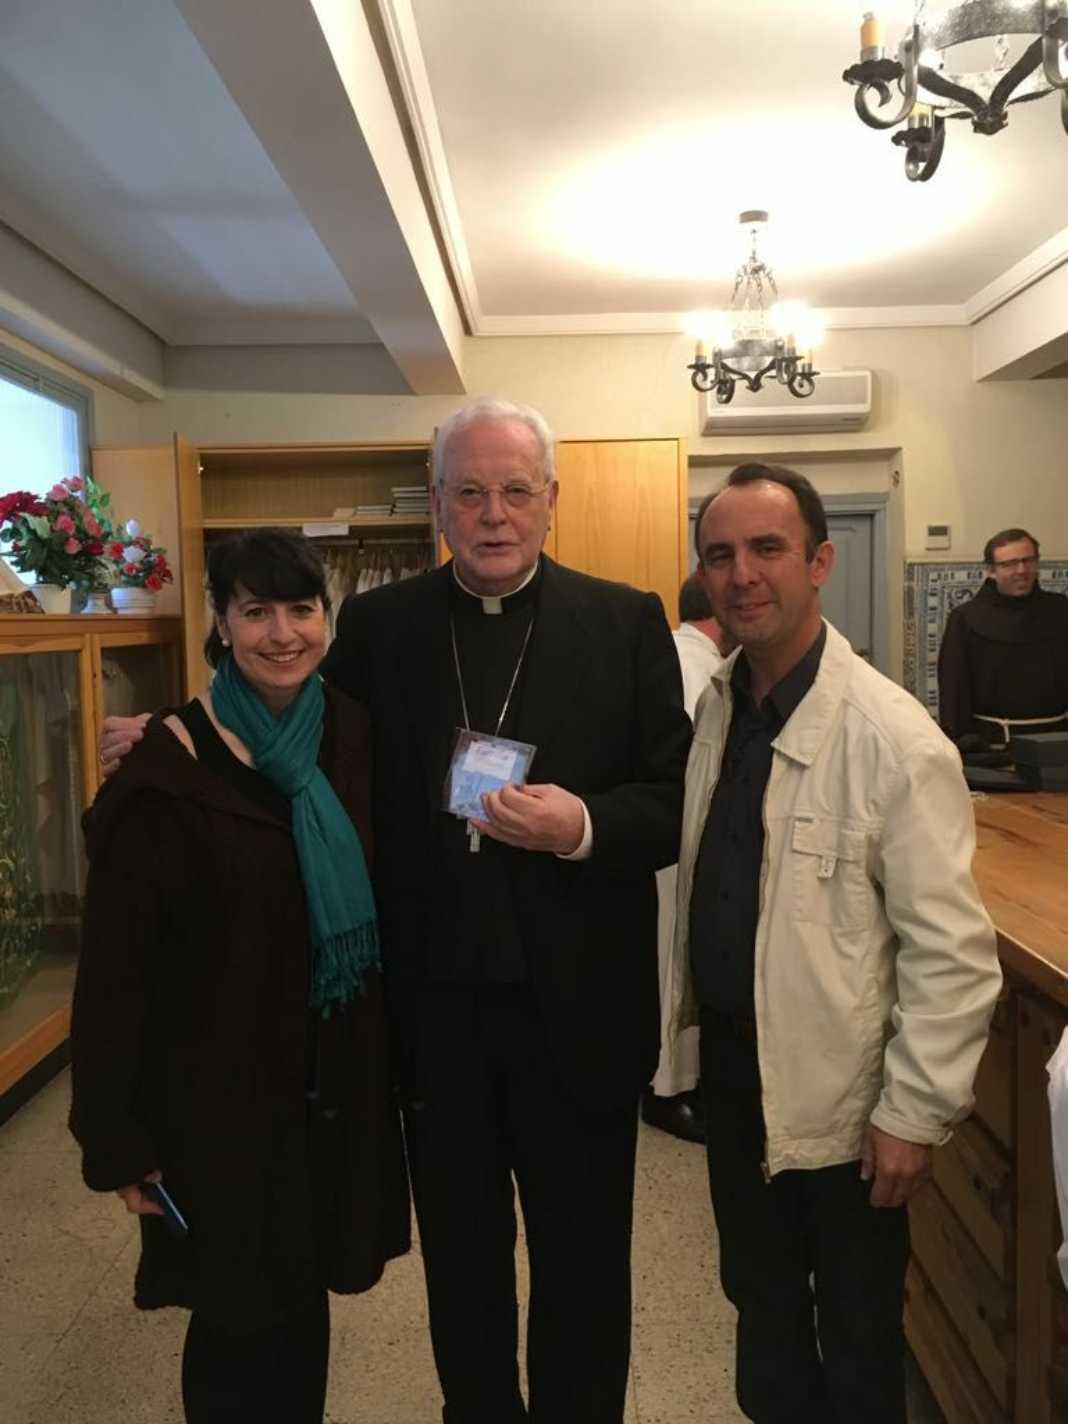 CisAdar CongresoFranciscano 1 1068x1424 - Reconocimiento a Cis Adar en el Congreso Nacional Franciscano